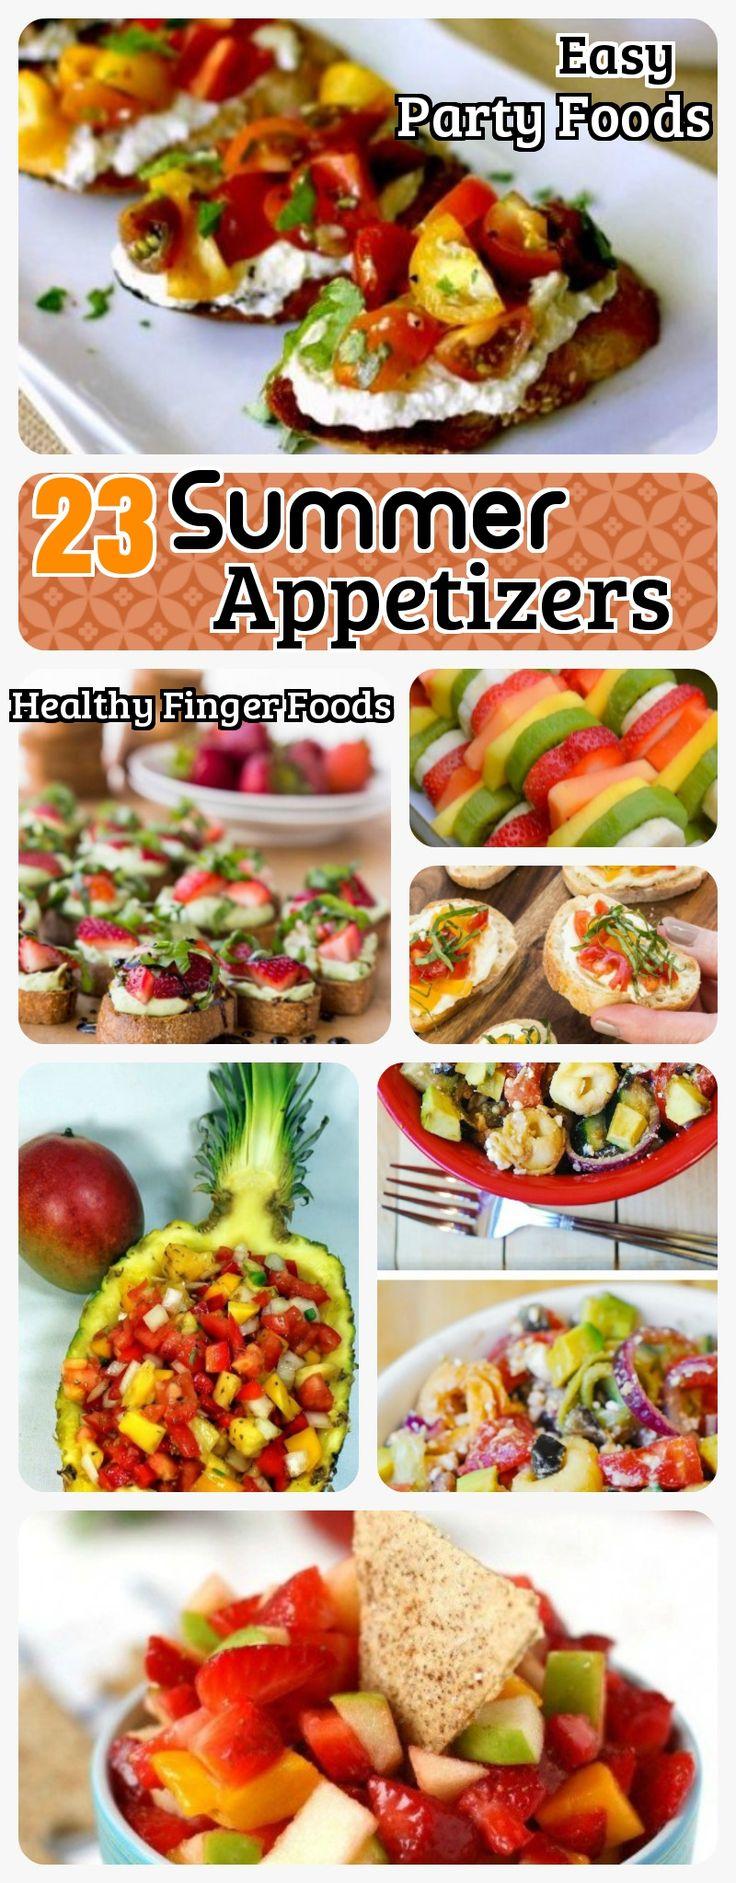 best 25 finger foods ideas on pinterest party finger foods christmas finger foods and finger. Black Bedroom Furniture Sets. Home Design Ideas